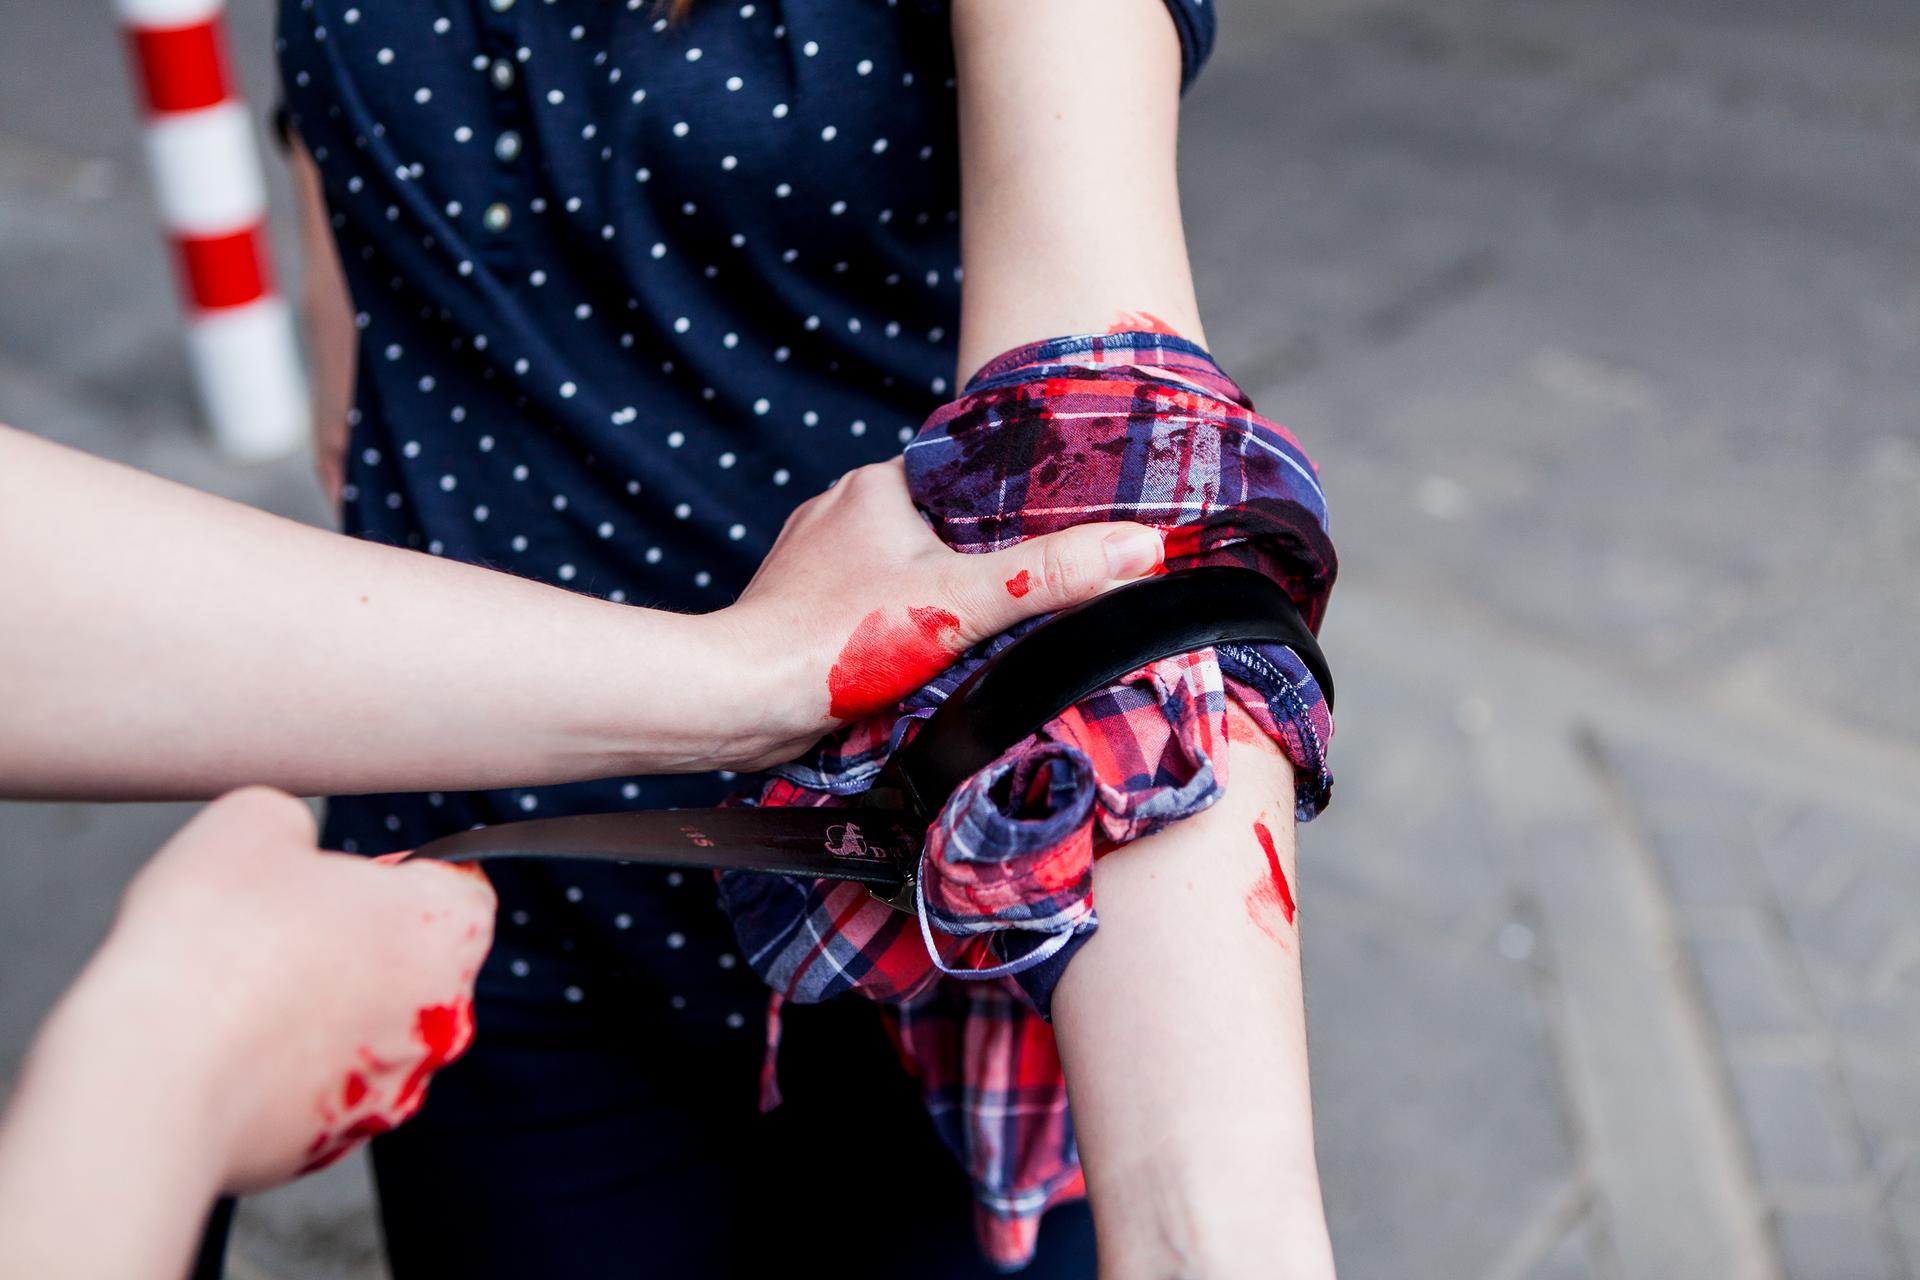 Zbliżenie sceny udzielania pierwszej pomocy przy użyciu dostępnych pod ręką przedmiotów. Zdjęcie przedstawia zakrwawioną rękę poszkodowanej osoby oraz dłonie świadka udzielającego pierwszej pomocy poprzez założenie opatrunku zkraciastej koszuli unieruchomionej na miejscu paskiem od spodni. Na rękach poszkodowanego iratownika, atakże na koszuli widać ślady krwi.